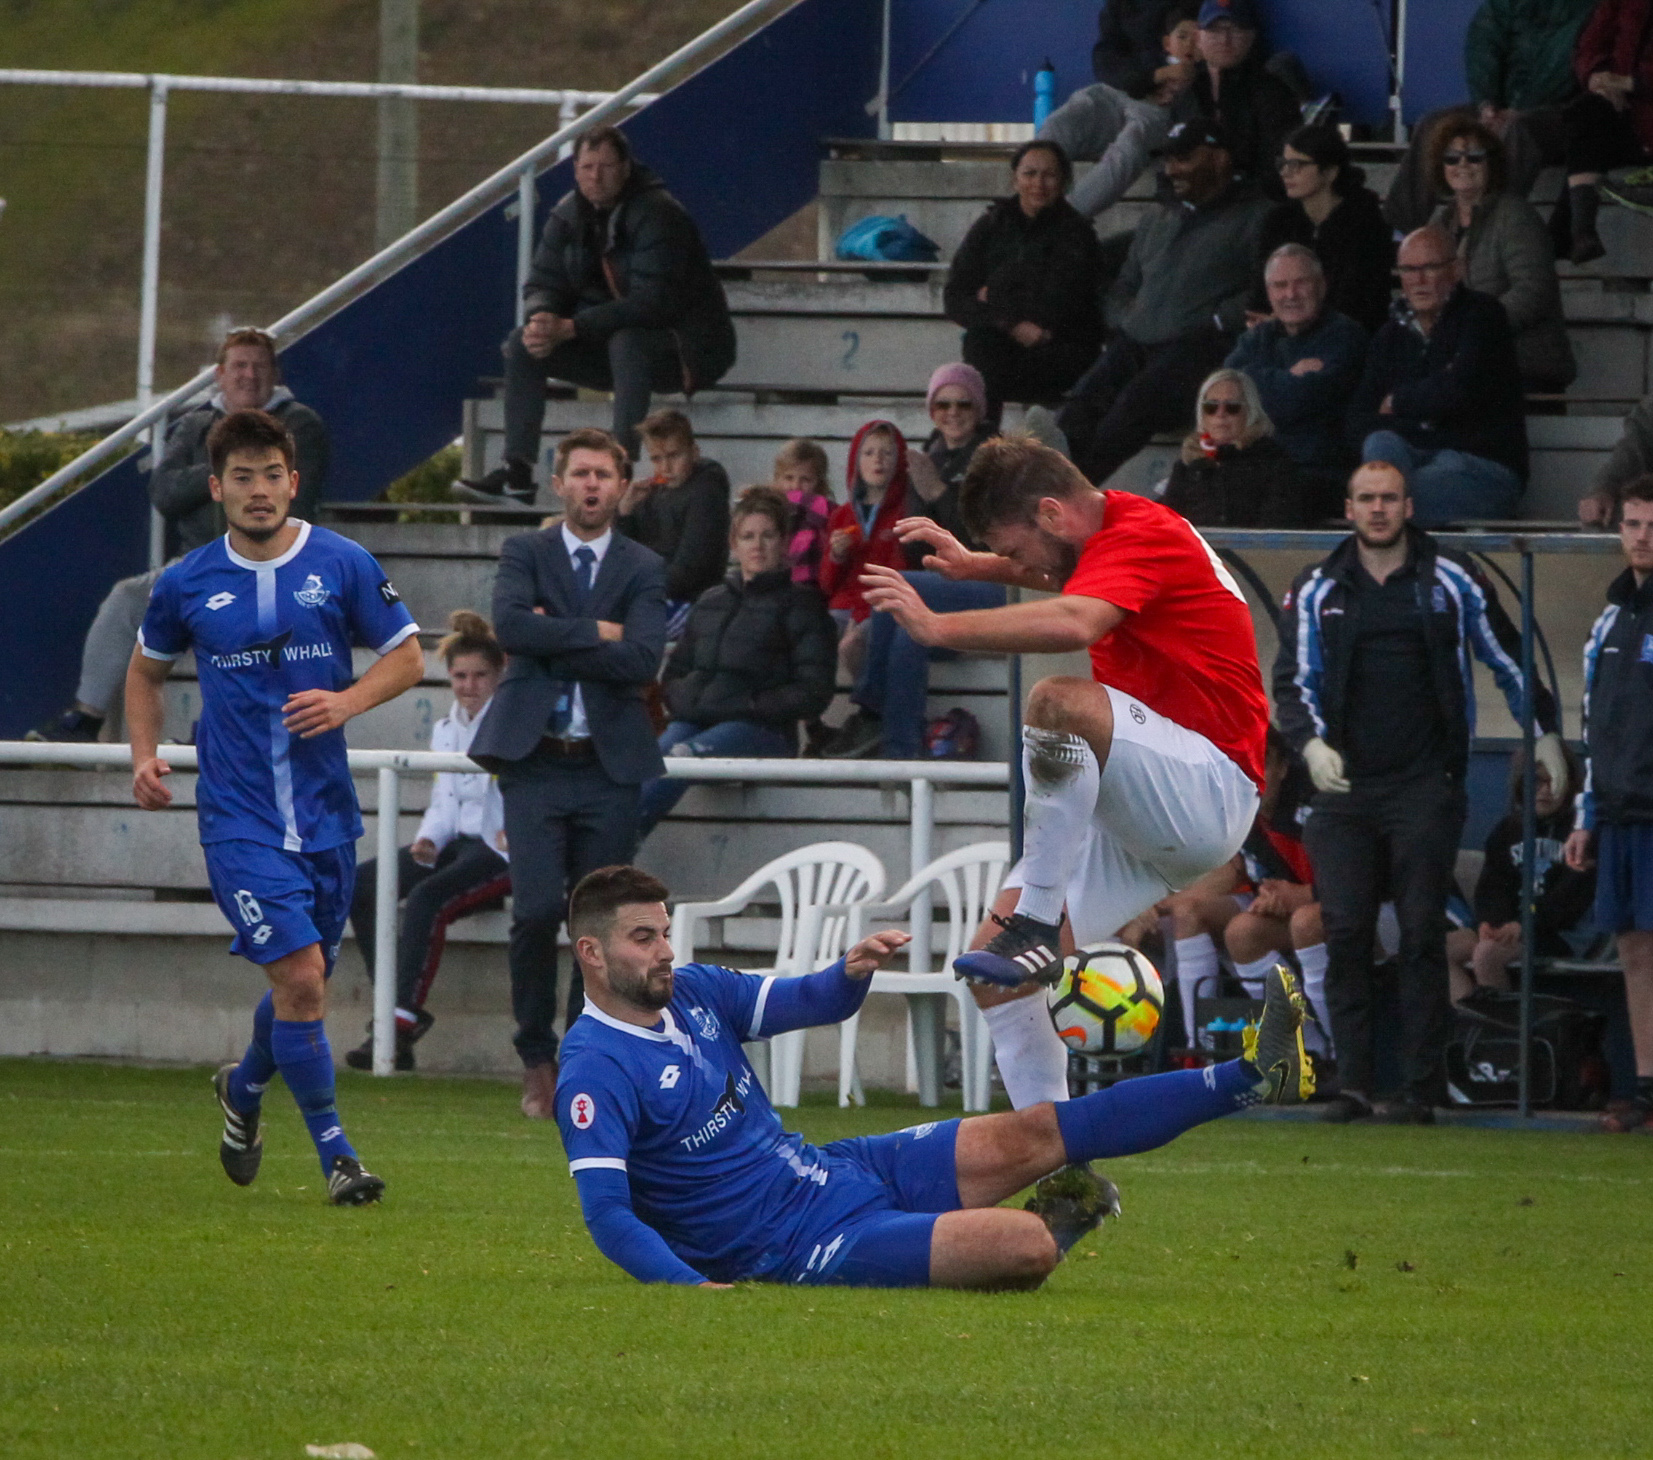 Napier City Rovers vs Seatoun FC